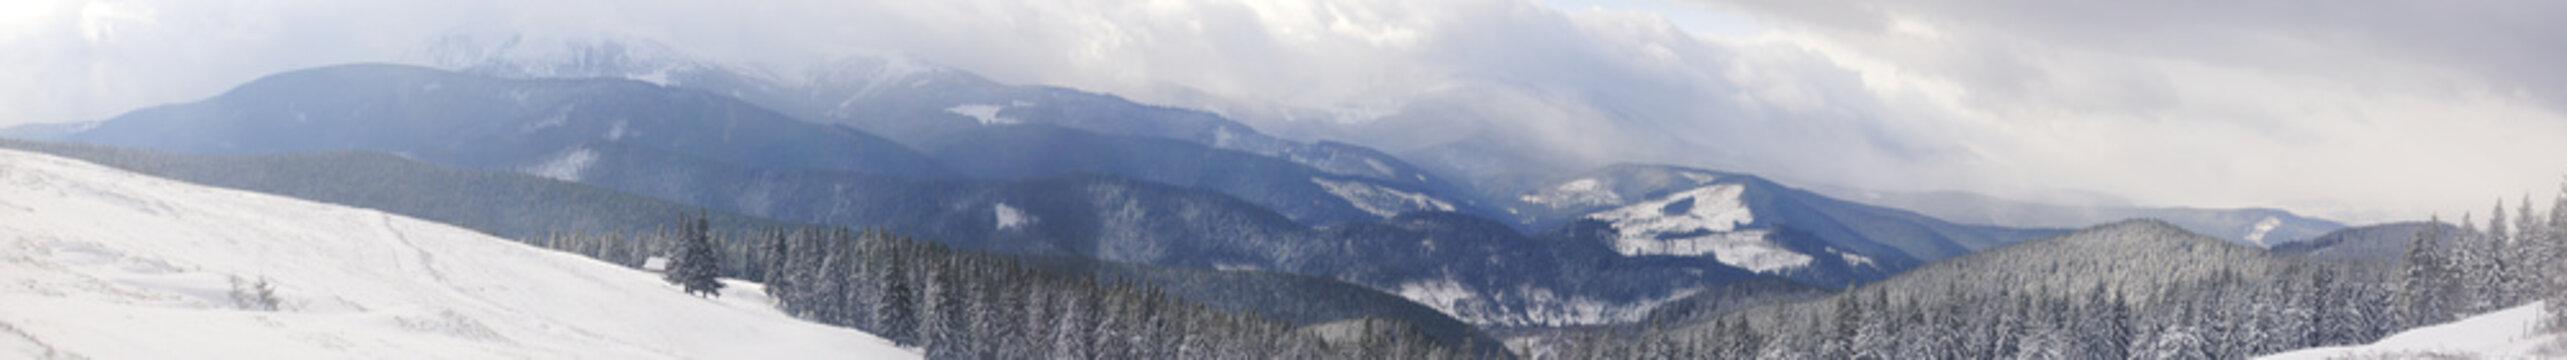 Panorama of snowed mountains